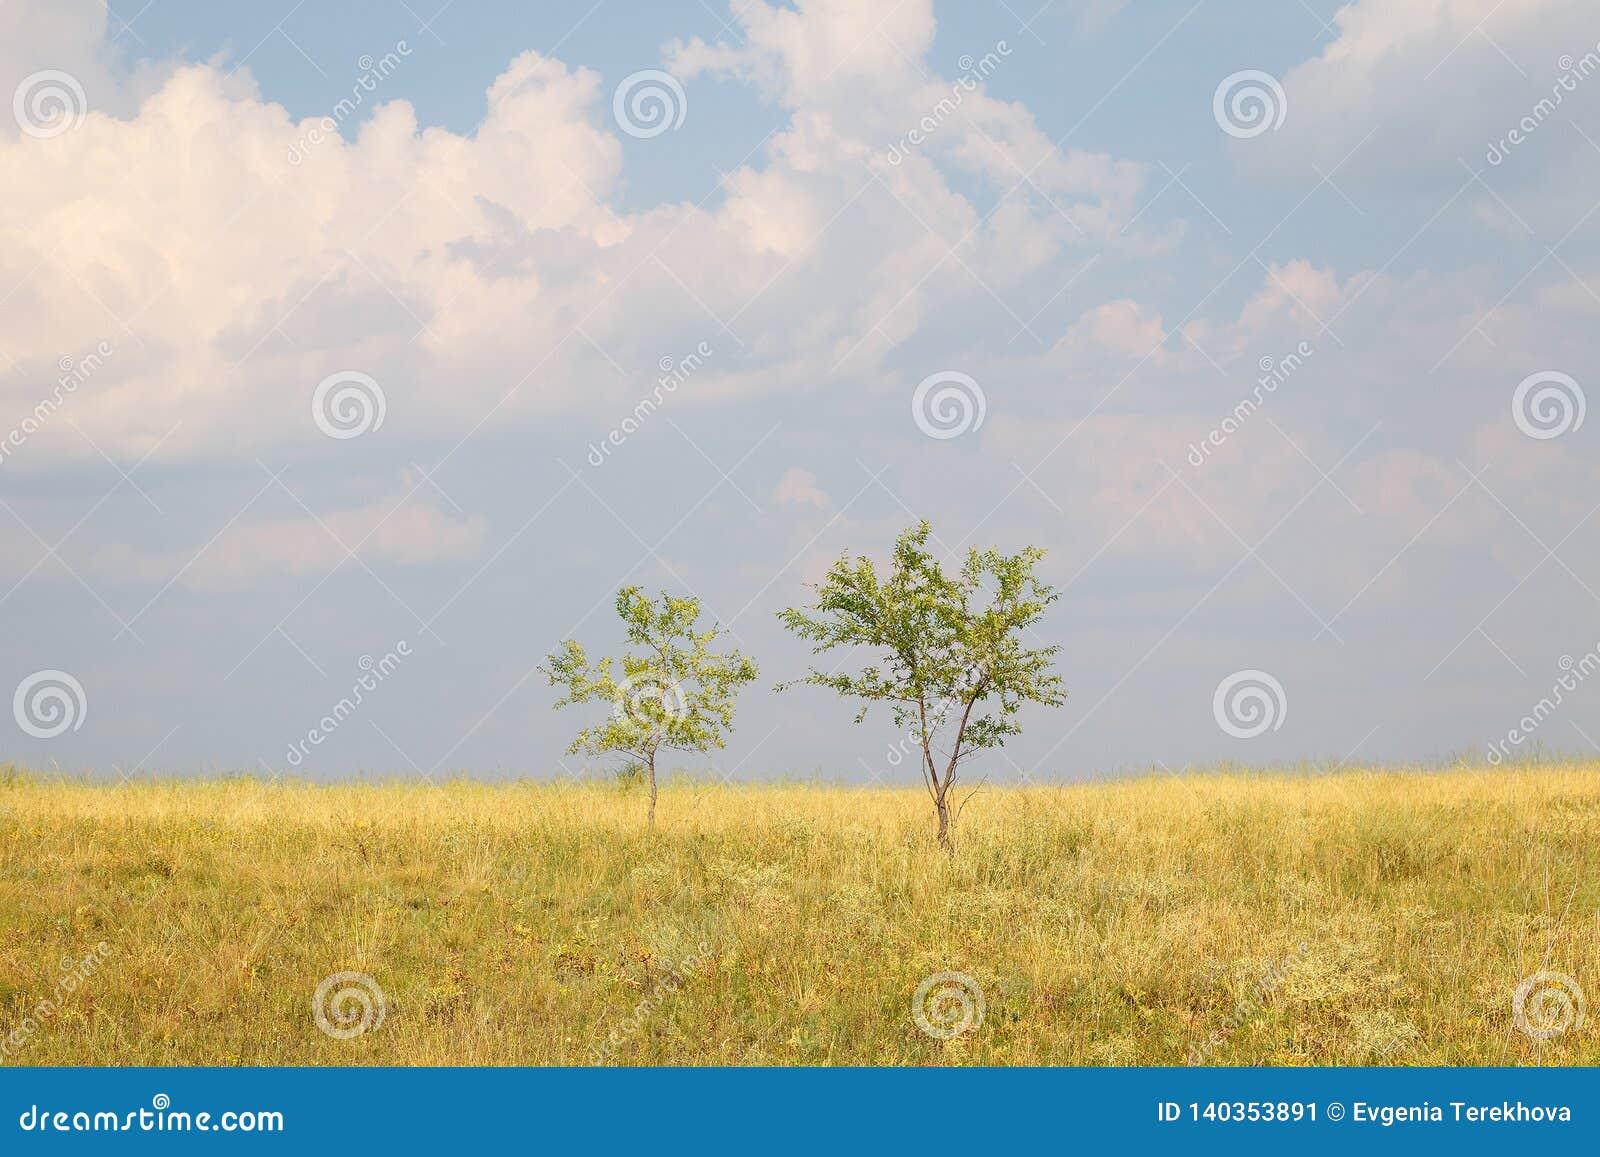 Duas árvores em um grande campo contra um céu azul e nuvens